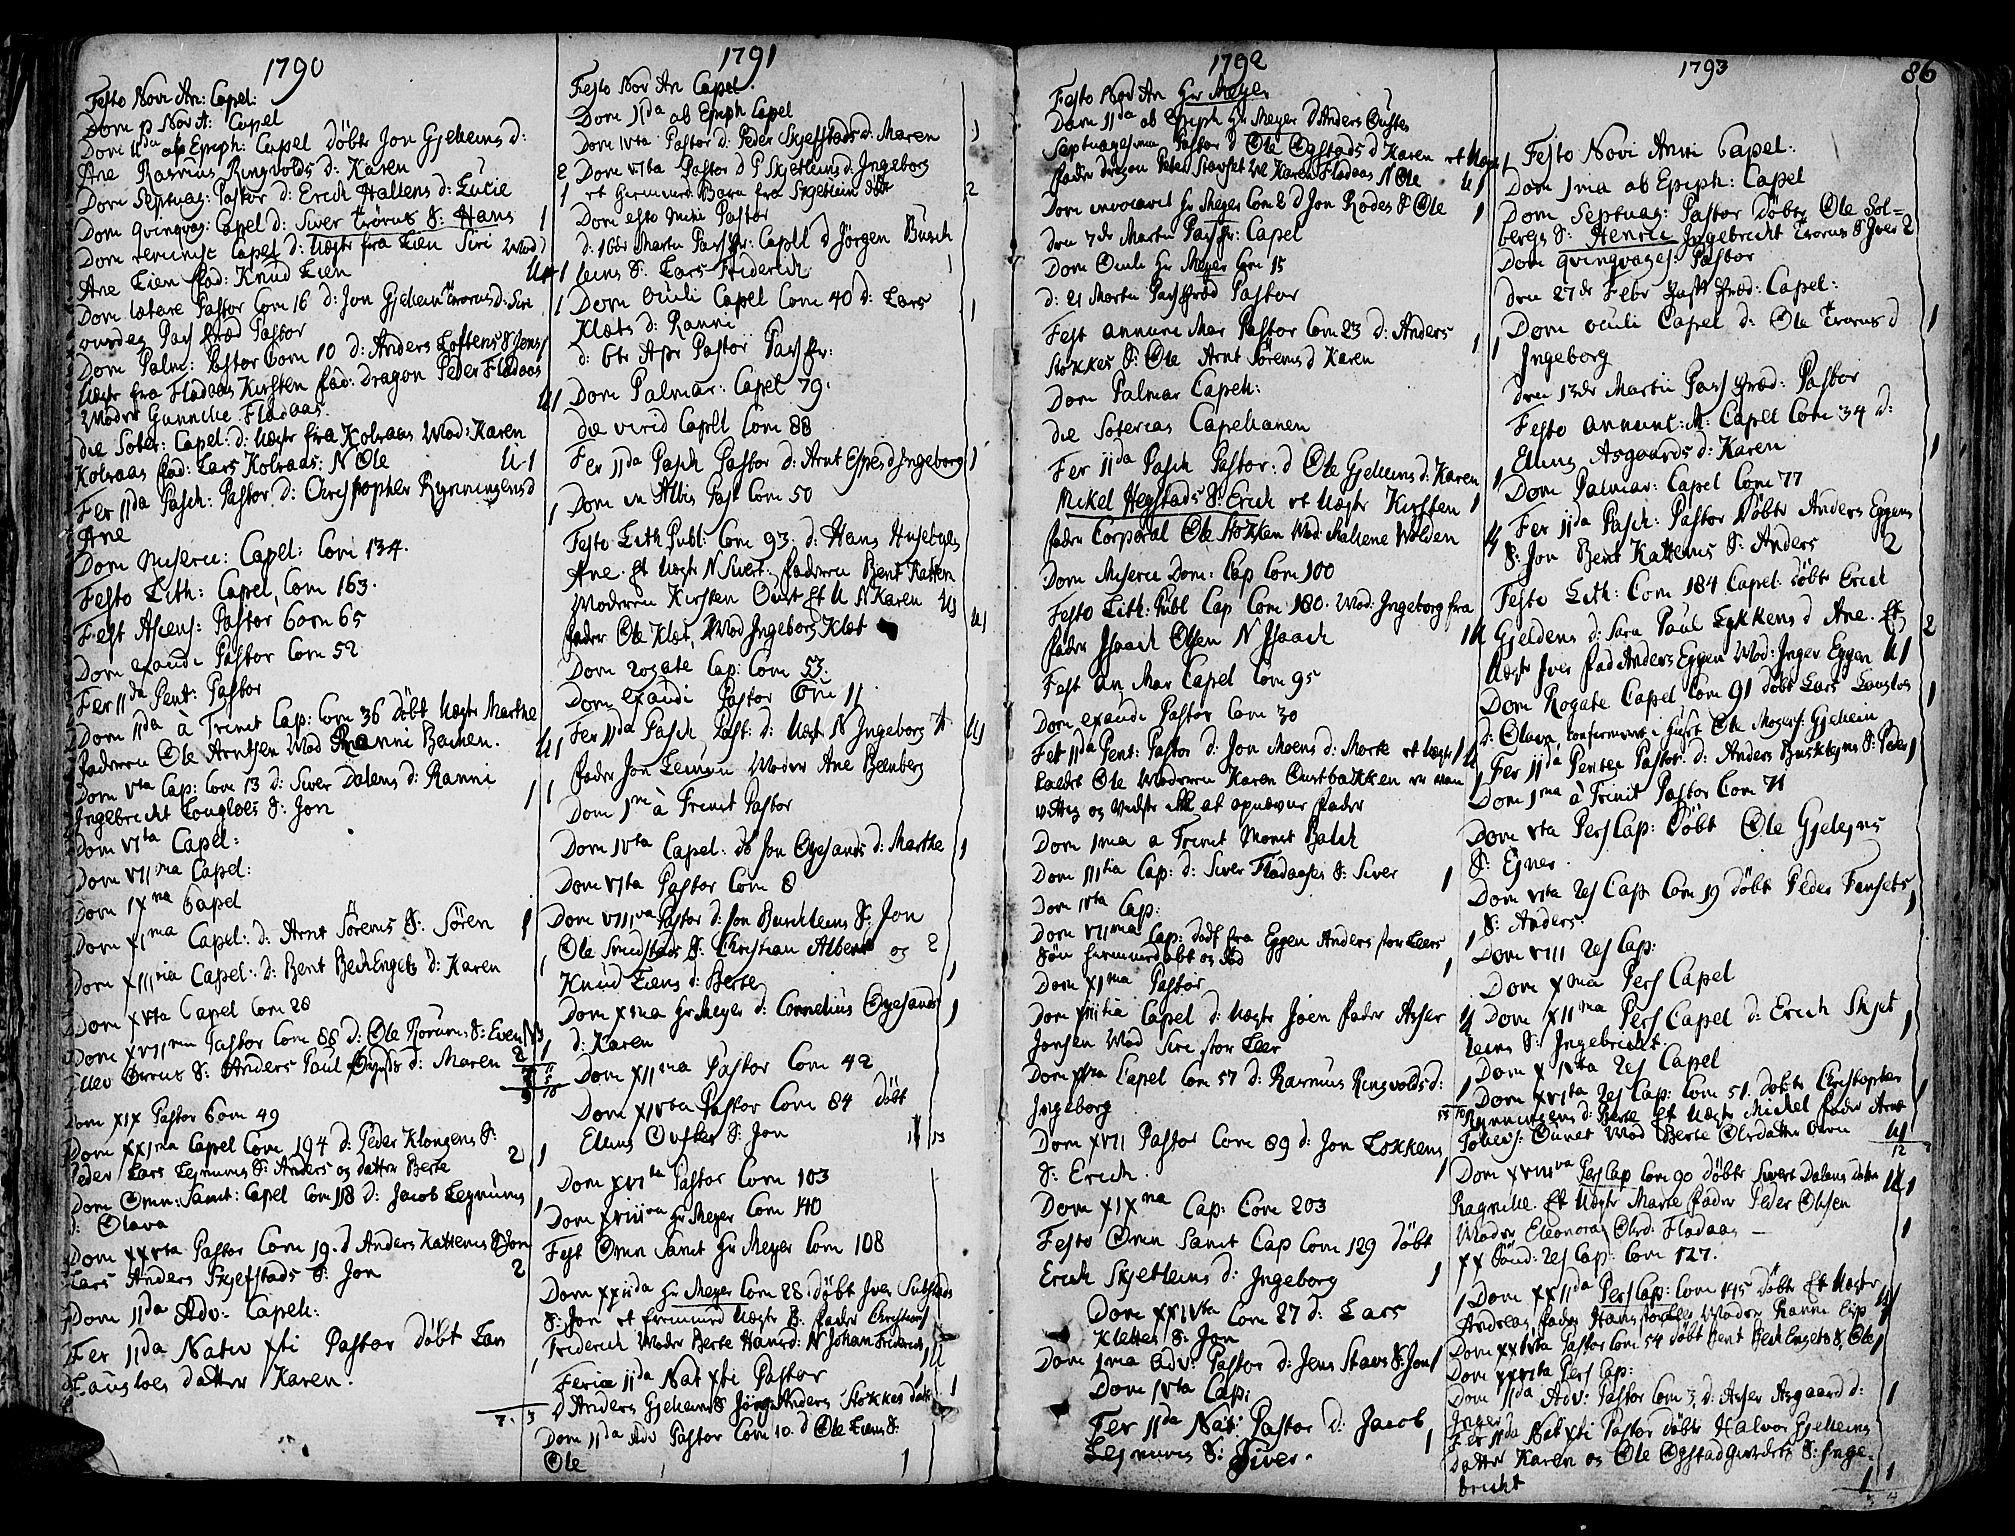 SAT, Ministerialprotokoller, klokkerbøker og fødselsregistre - Sør-Trøndelag, 691/L1063: Ministerialbok nr. 691A02 /3, 1768-1815, s. 86